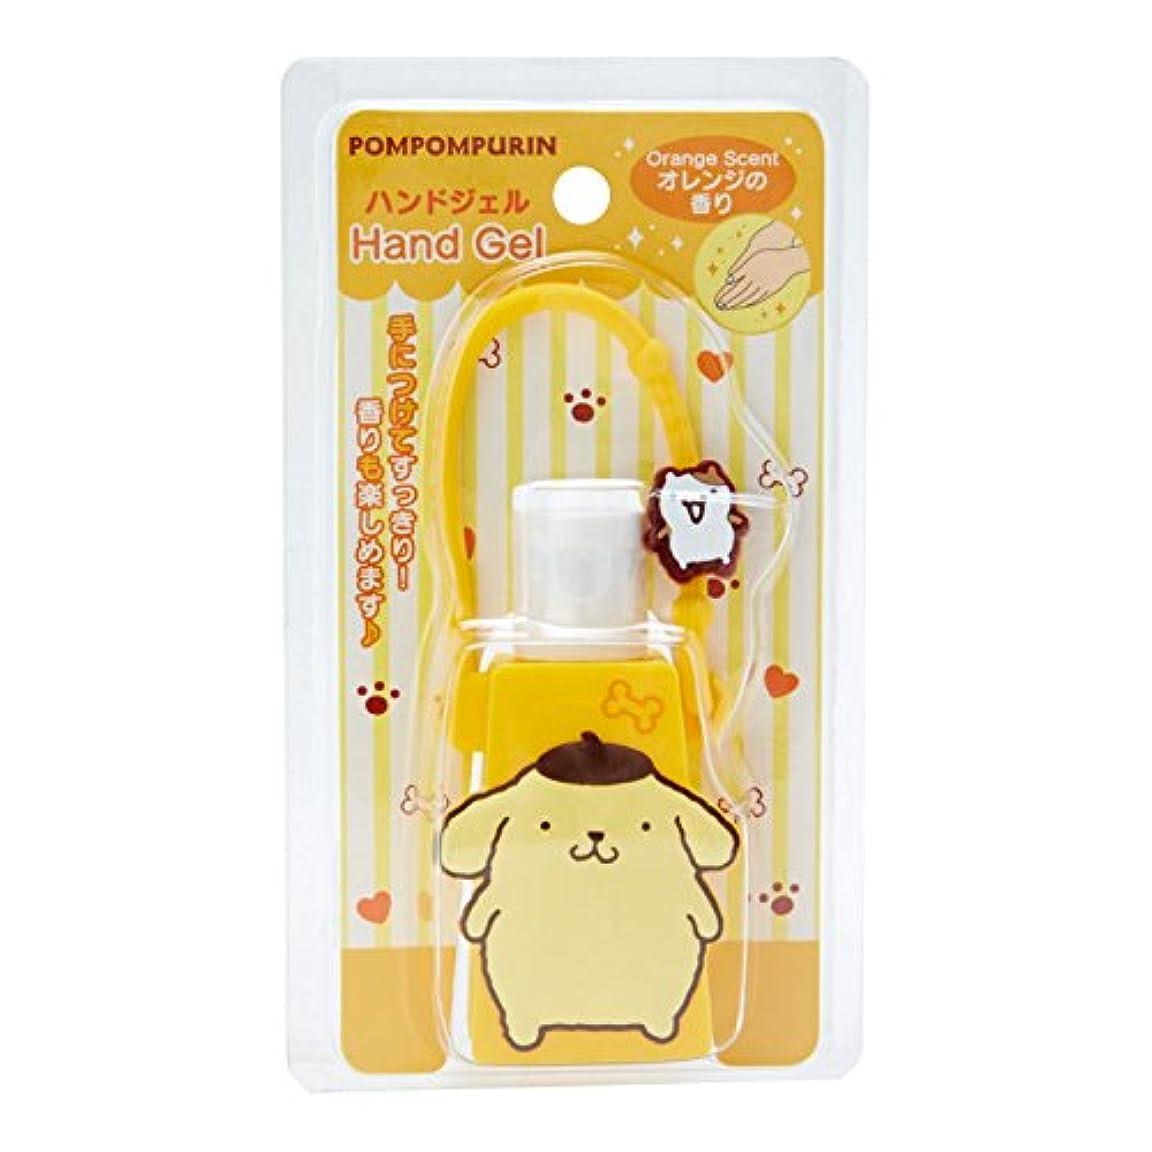 欲望高齢者収まるポムポムプリン 携帯ハンドジェル(オレンジの香り)